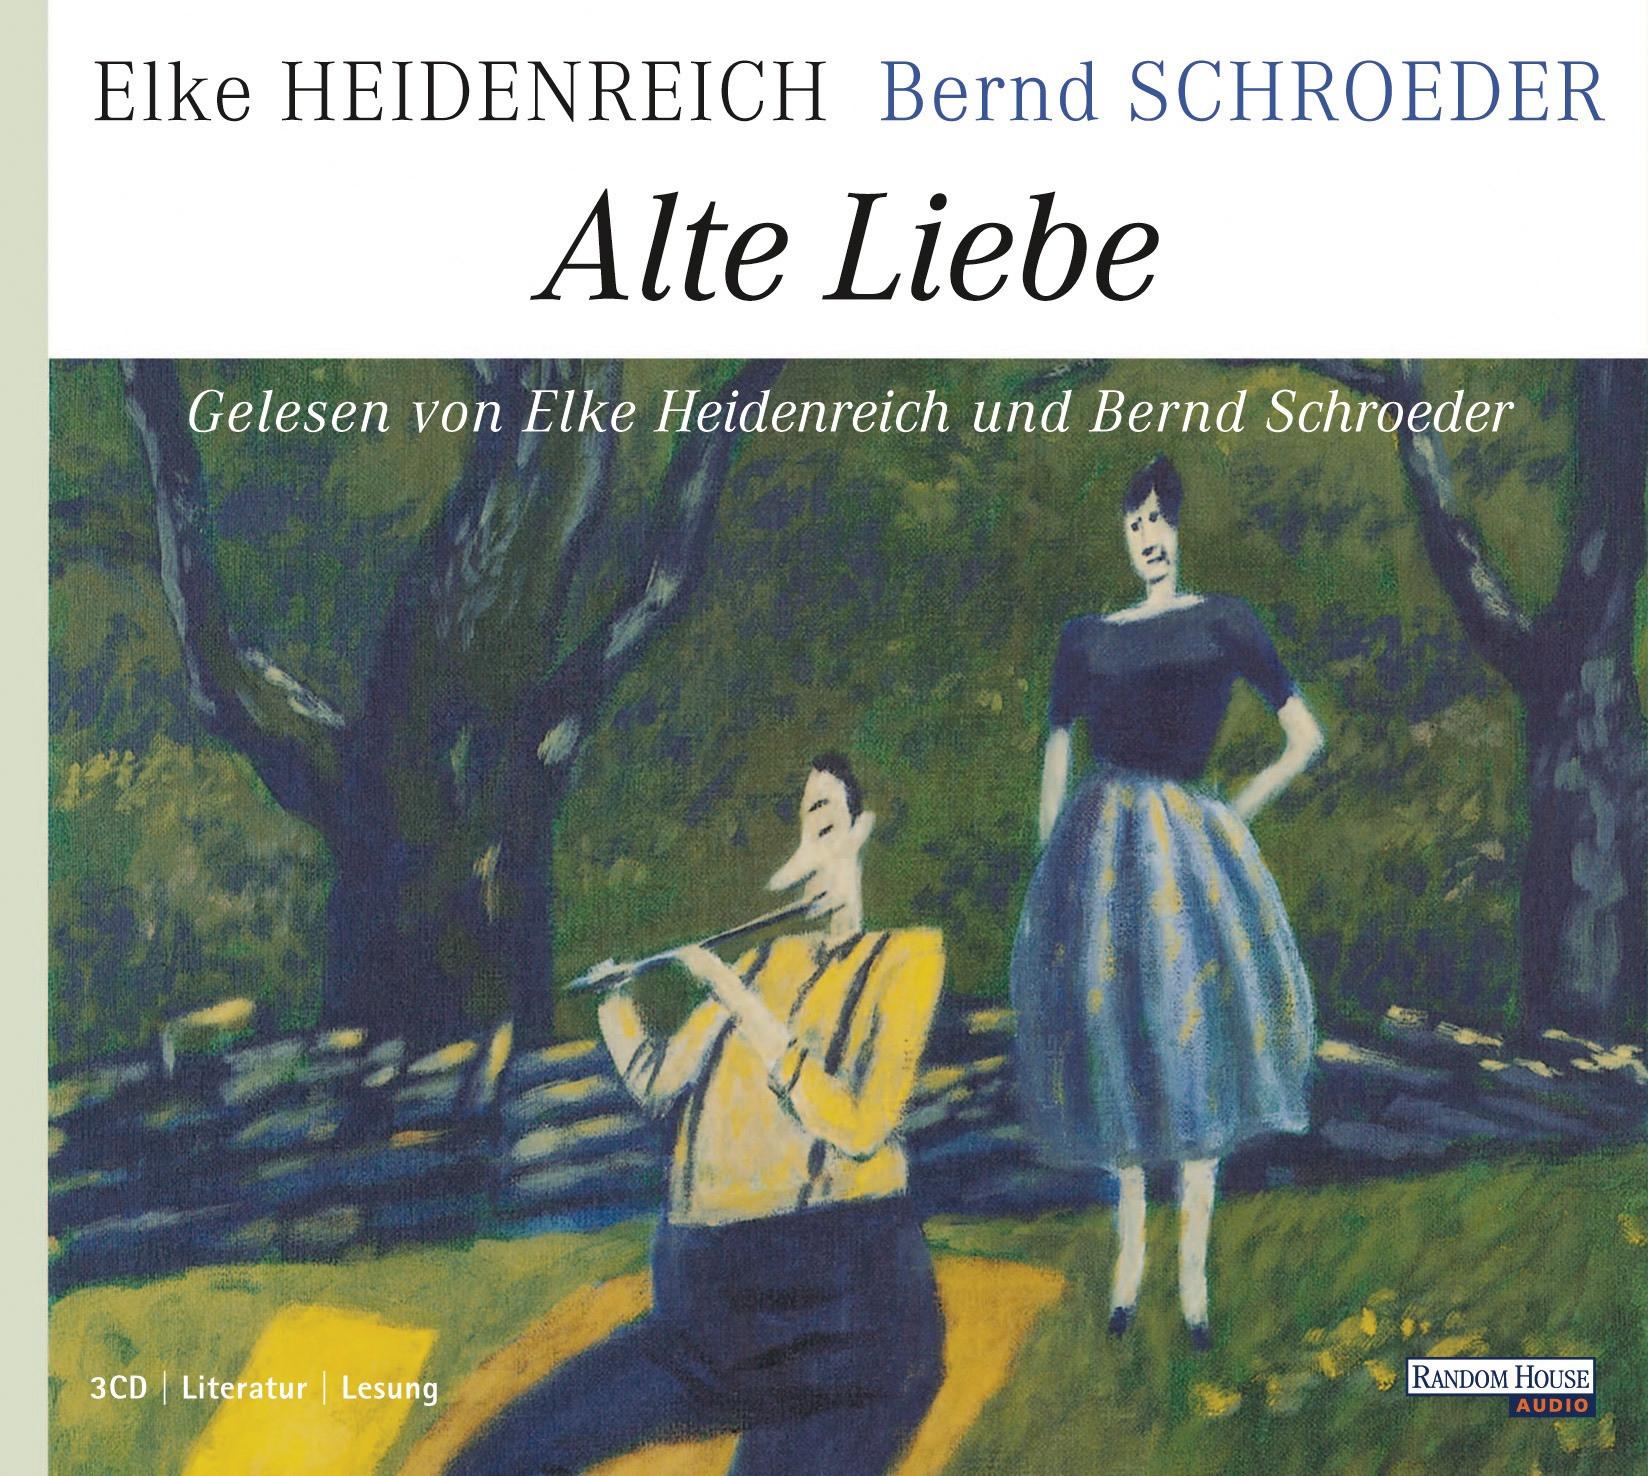 Elke Heidenreich und Bernd Schroeder - Alte Liebe